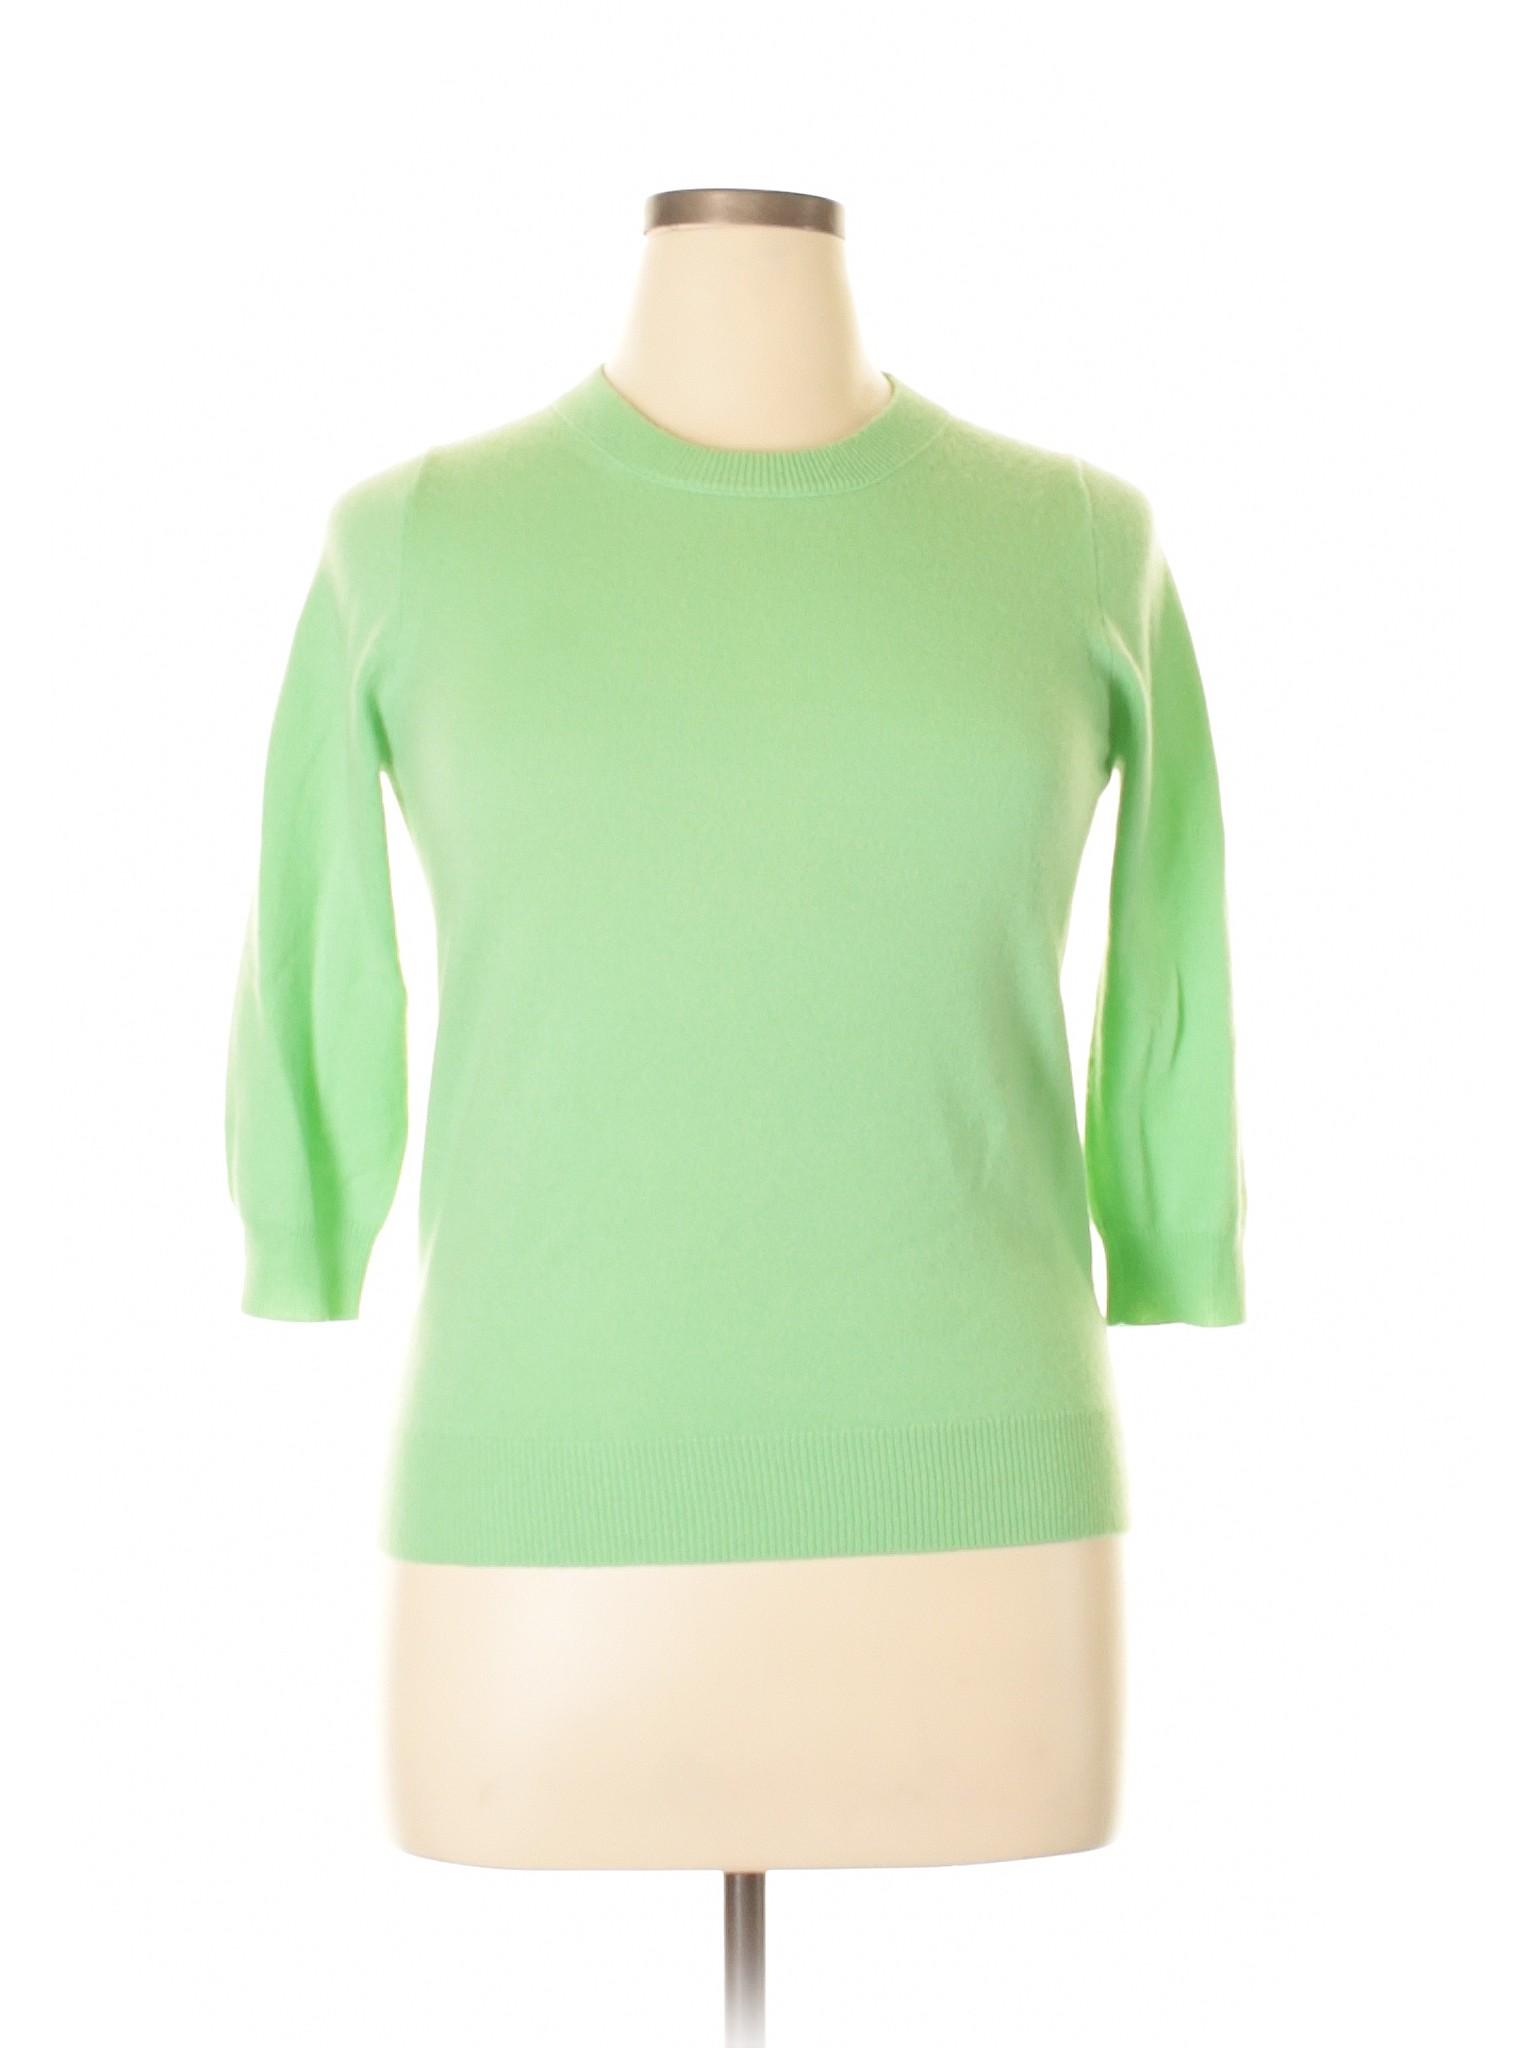 J Crew Sweater Pullover Cashmere Boutique 4UBwadUqx